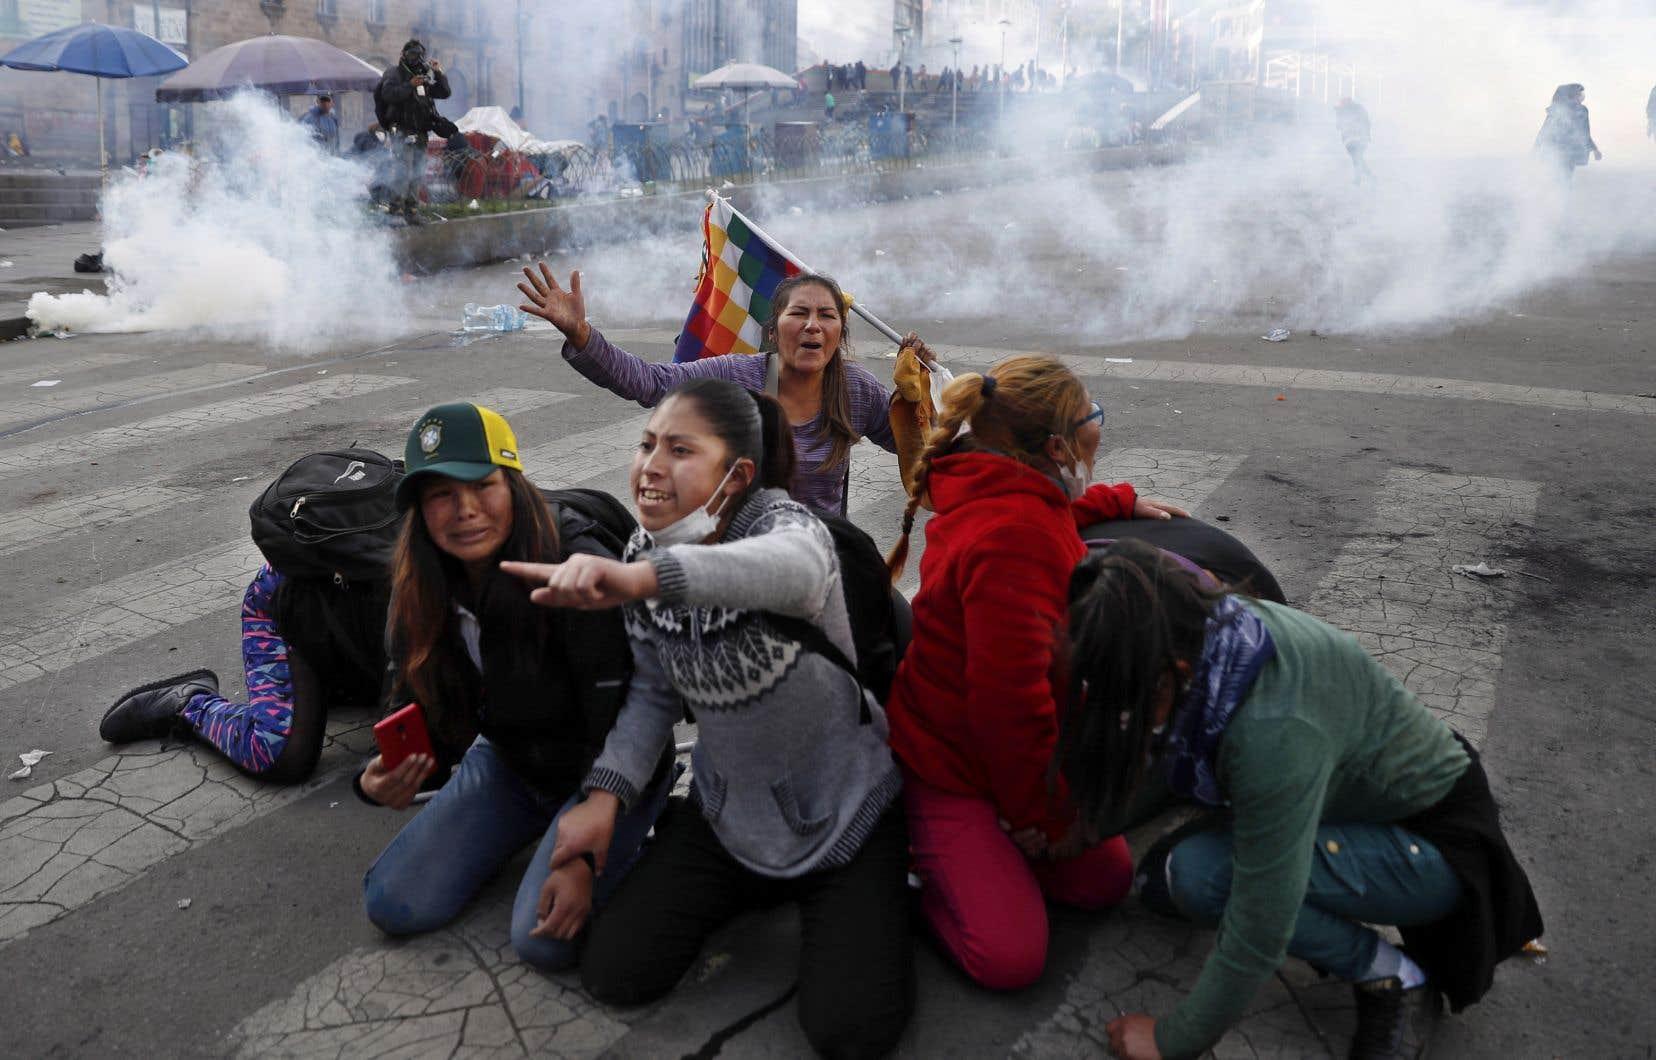 Les protestations se sont transformées en actions violentes. Des hordes paramilitaires ont assailli les partisans de Morales et de son parti (MAS).